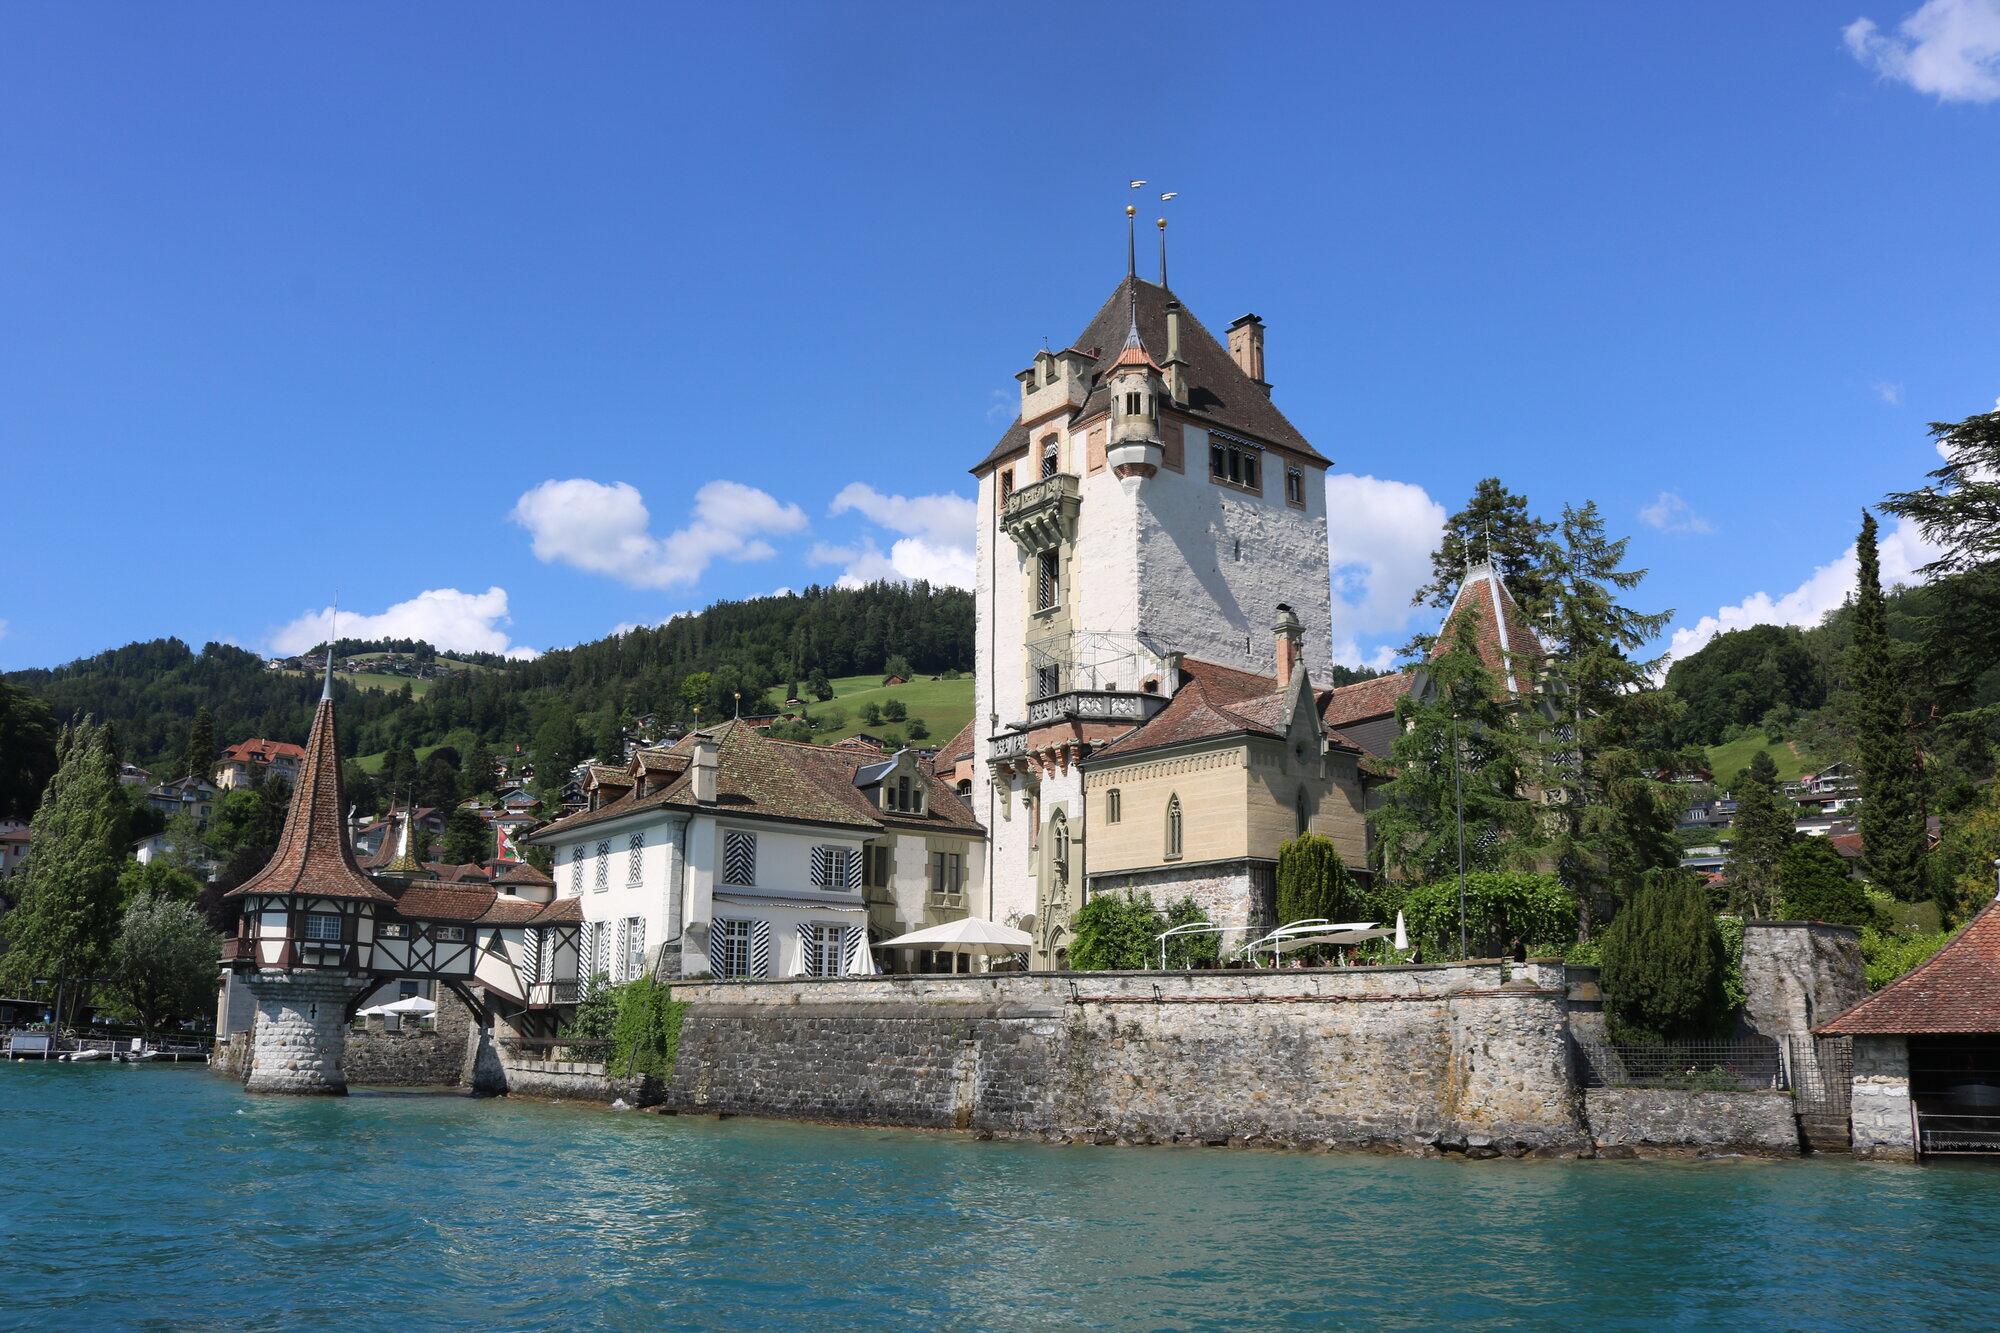 středověký hrad Spiez